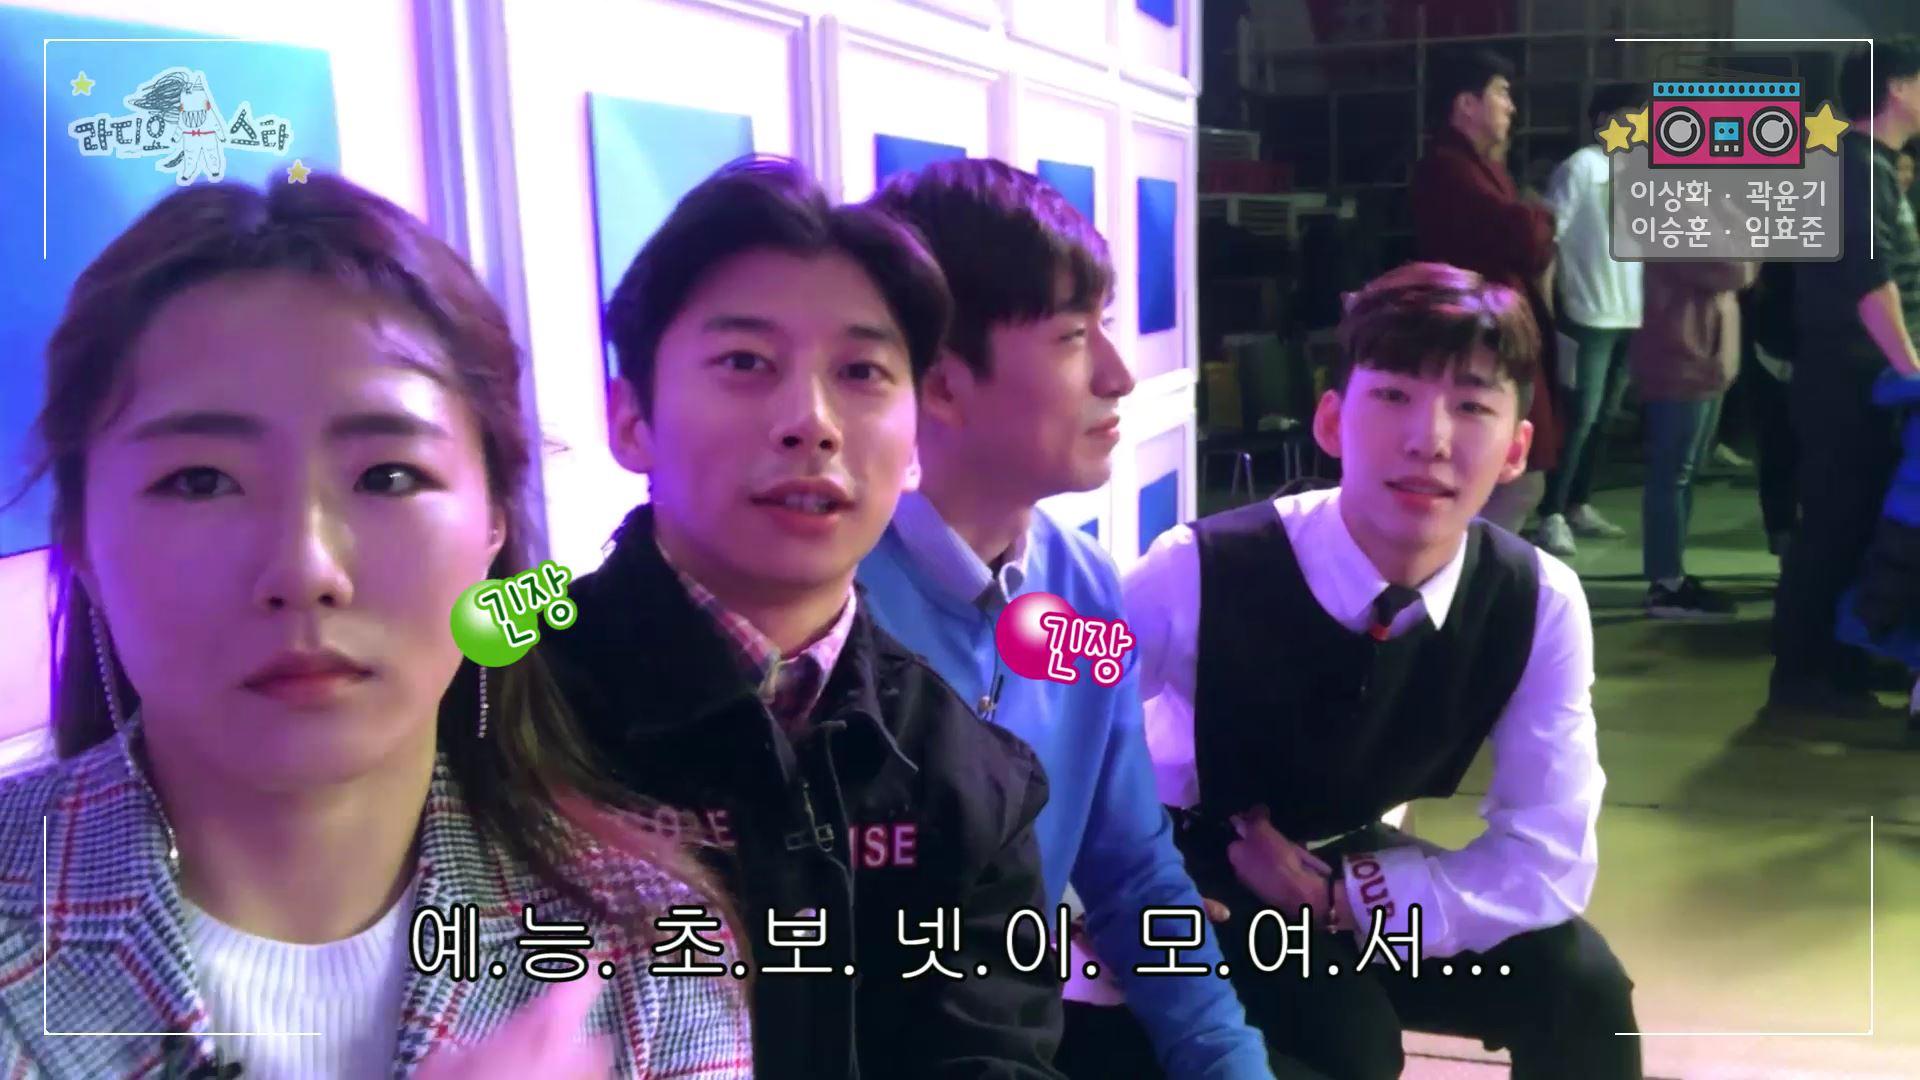 [셀프캠] 예능 초보 빙상 스타들, '라디오스타' 빙탄소년소녀단 특집 총출동